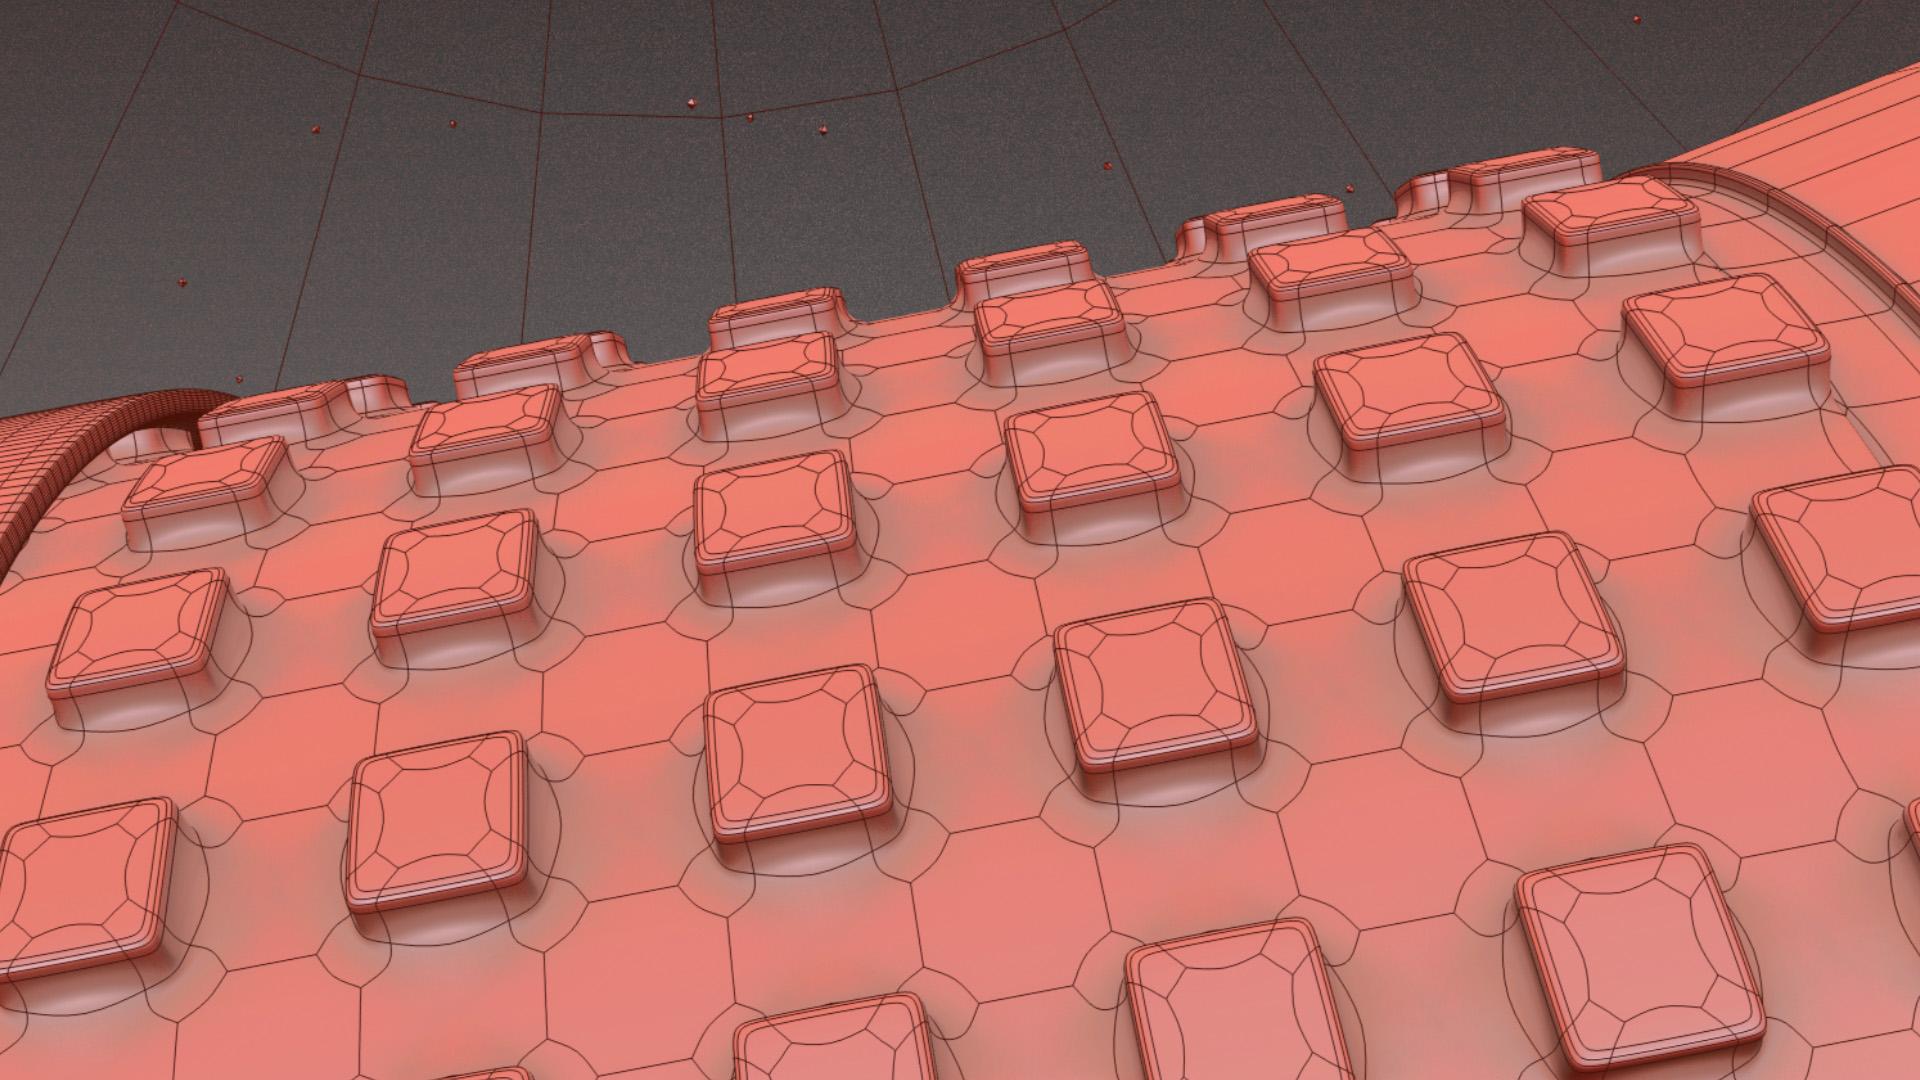 Кадр из 3d-анимации